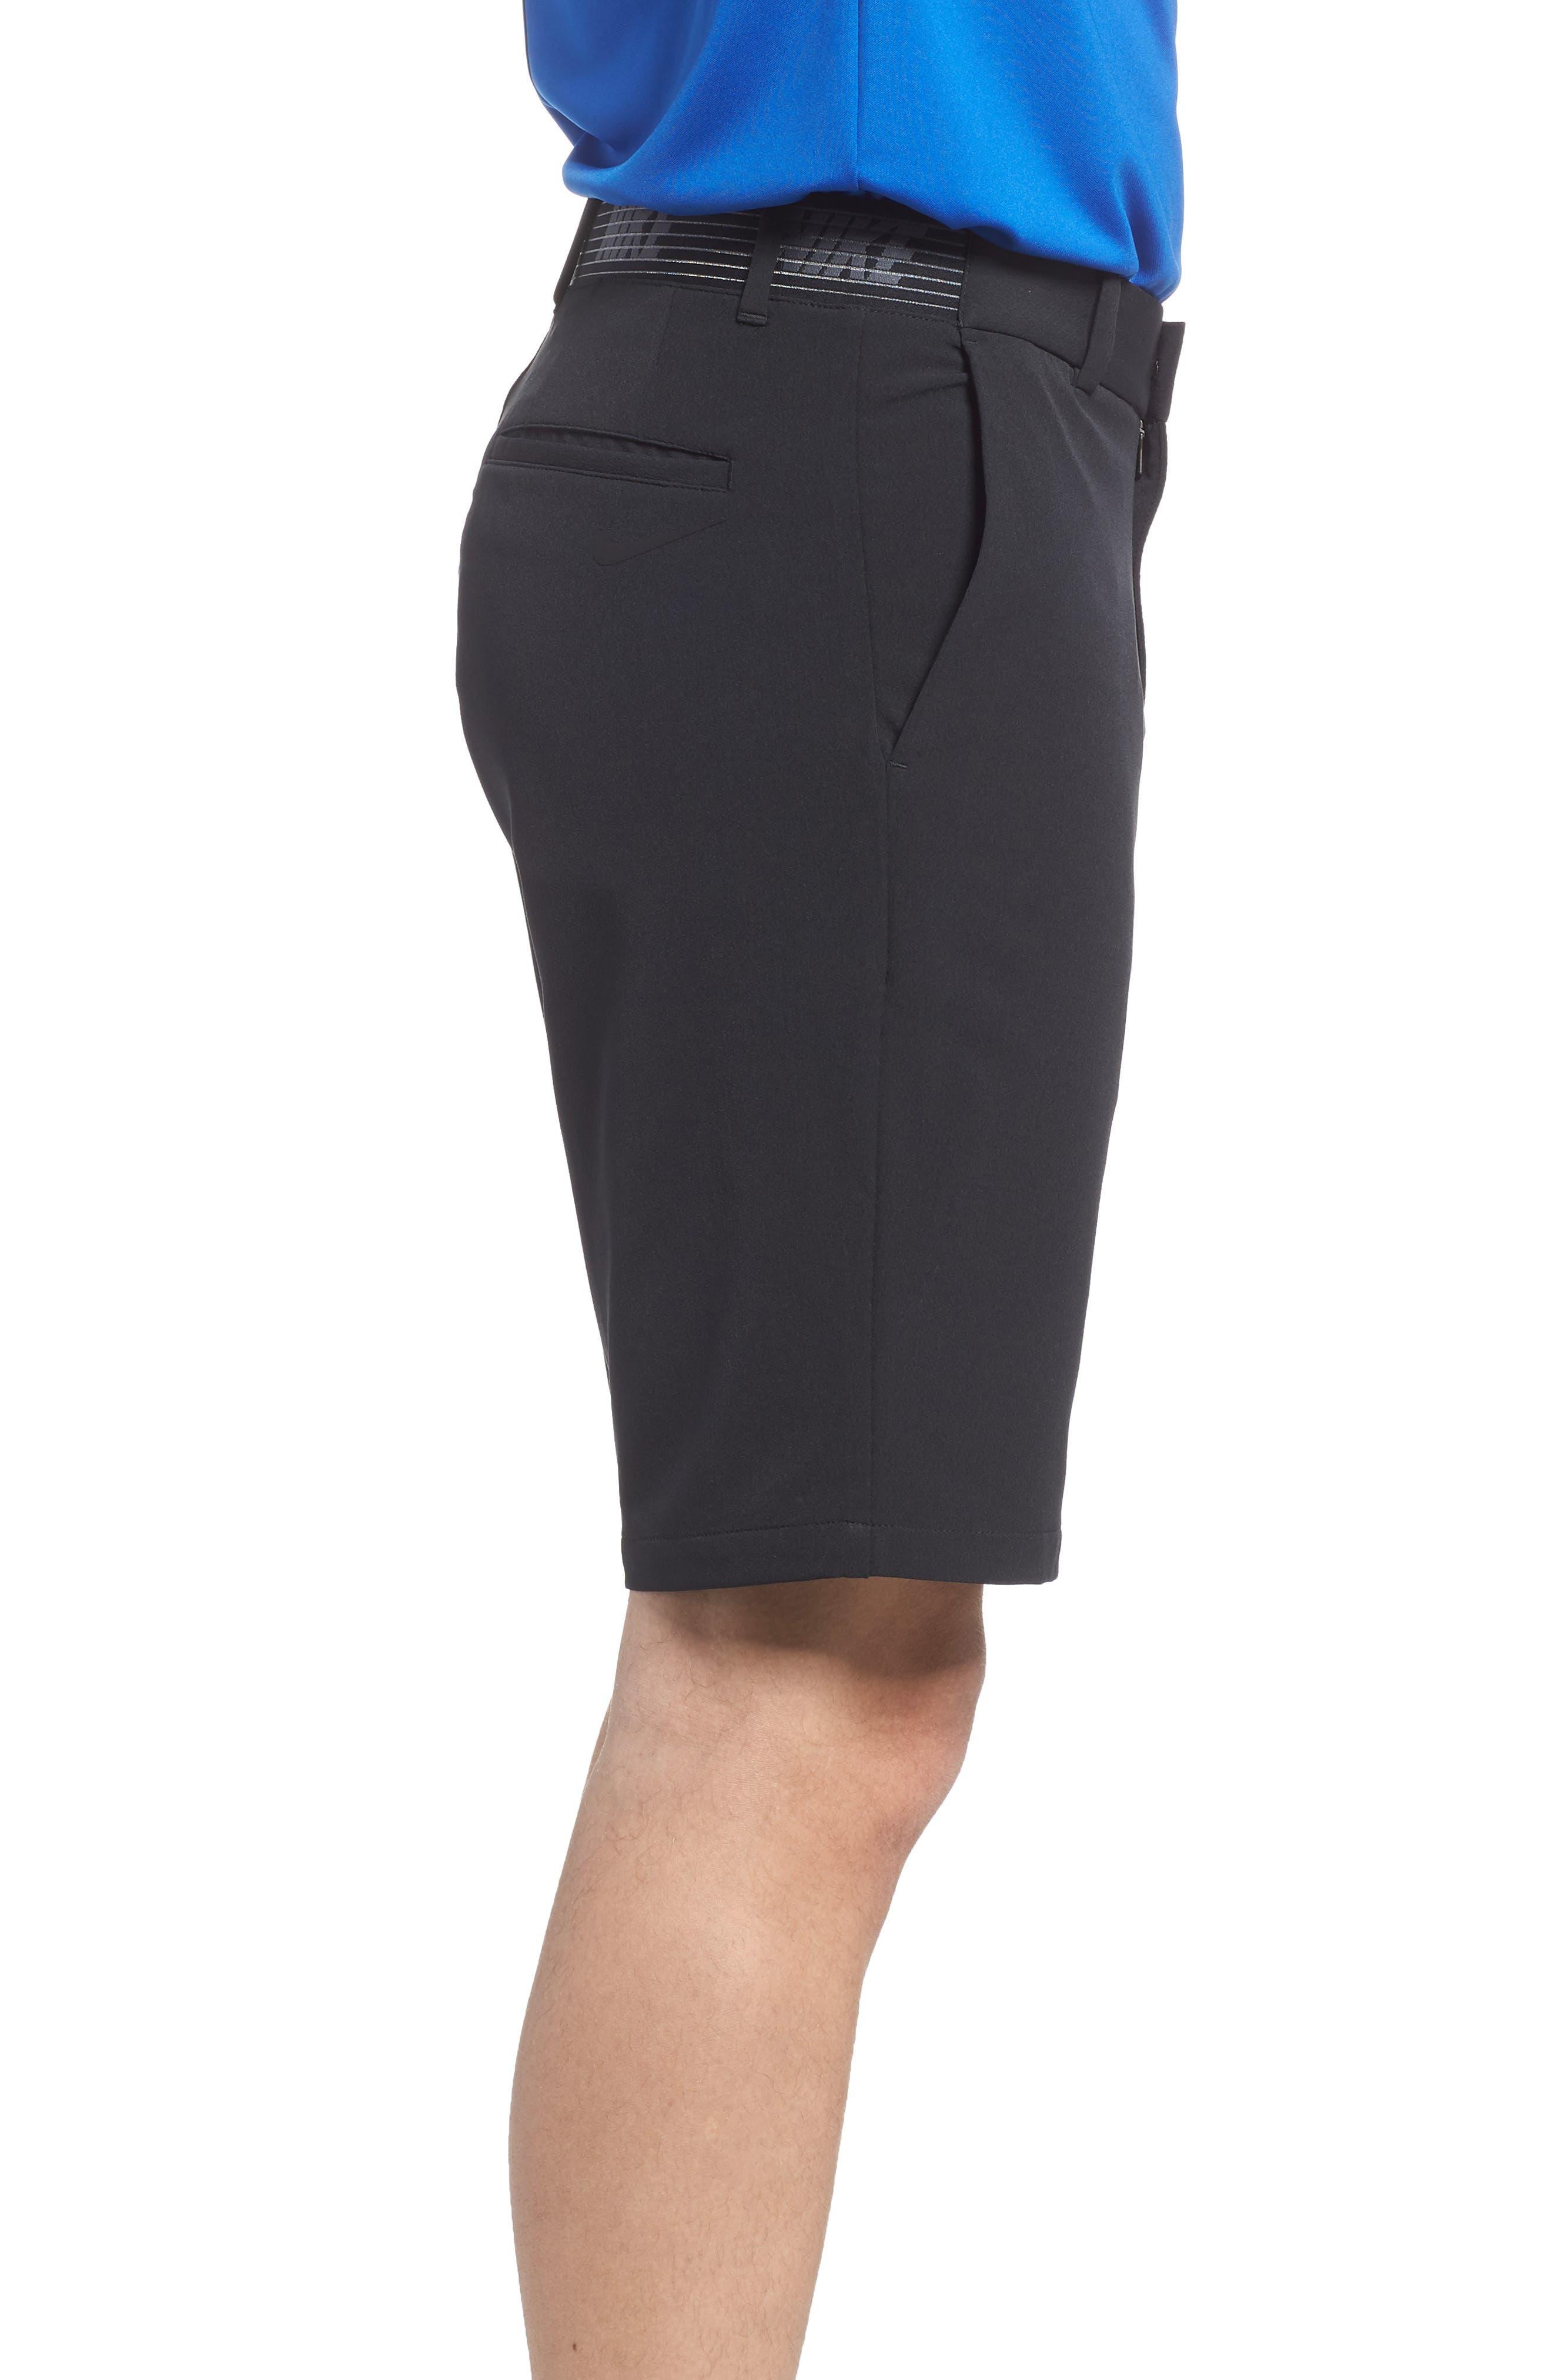 NIKE, Flex Slim Fit Dri-FIT Golf Shorts, Alternate thumbnail 3, color, BLACK/ BLACK